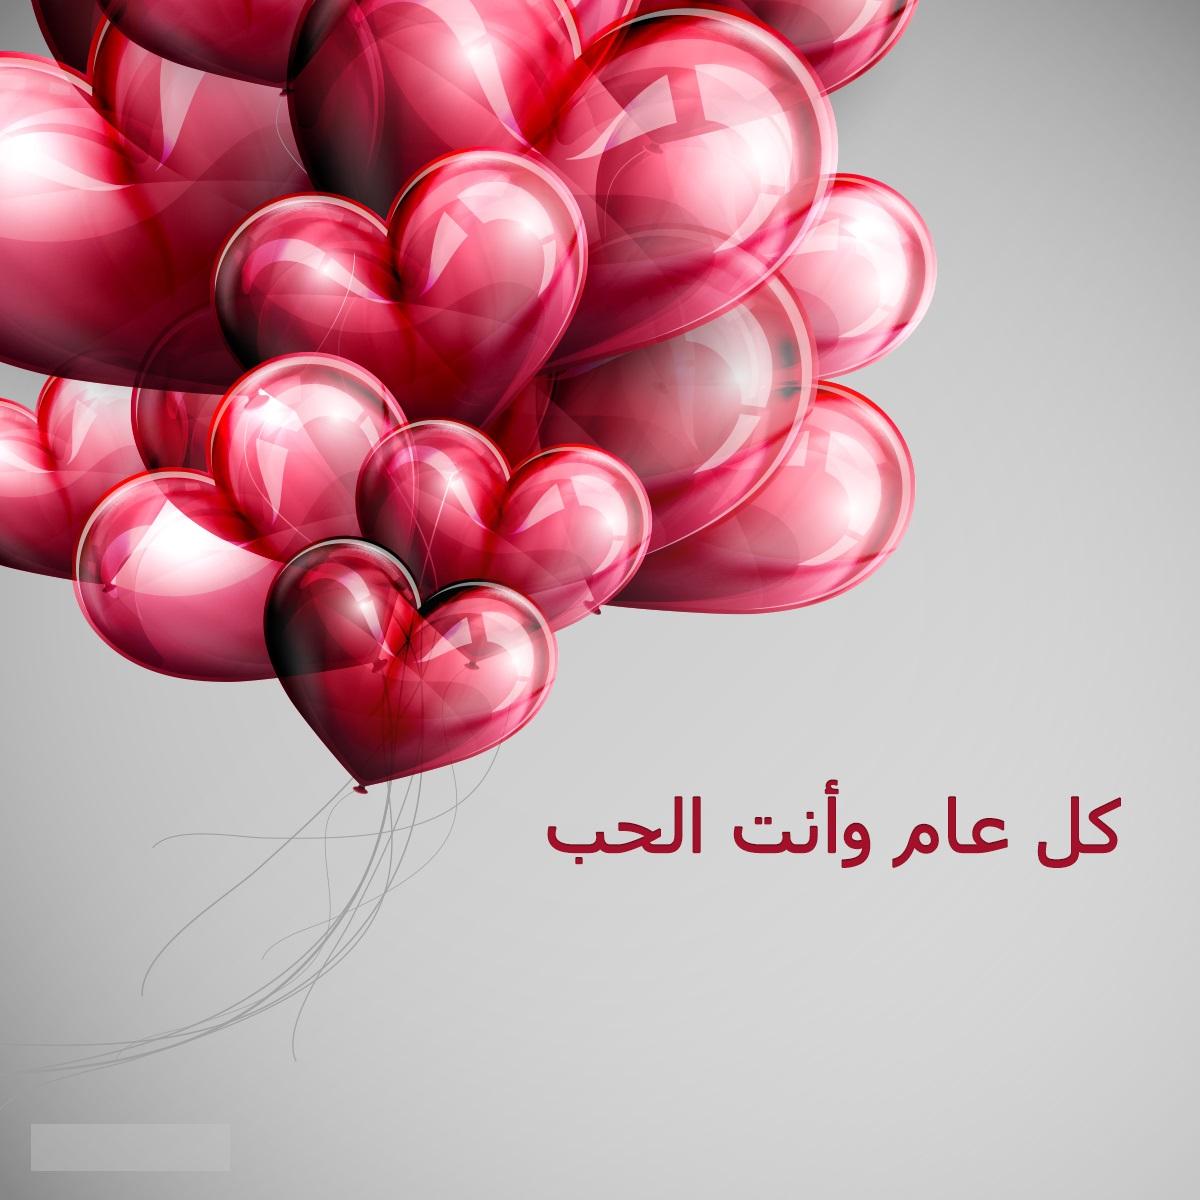 صورة صور عيد ميلاد حبيبي , اجمل صور لاعياد مكتوب عليها 6507 8